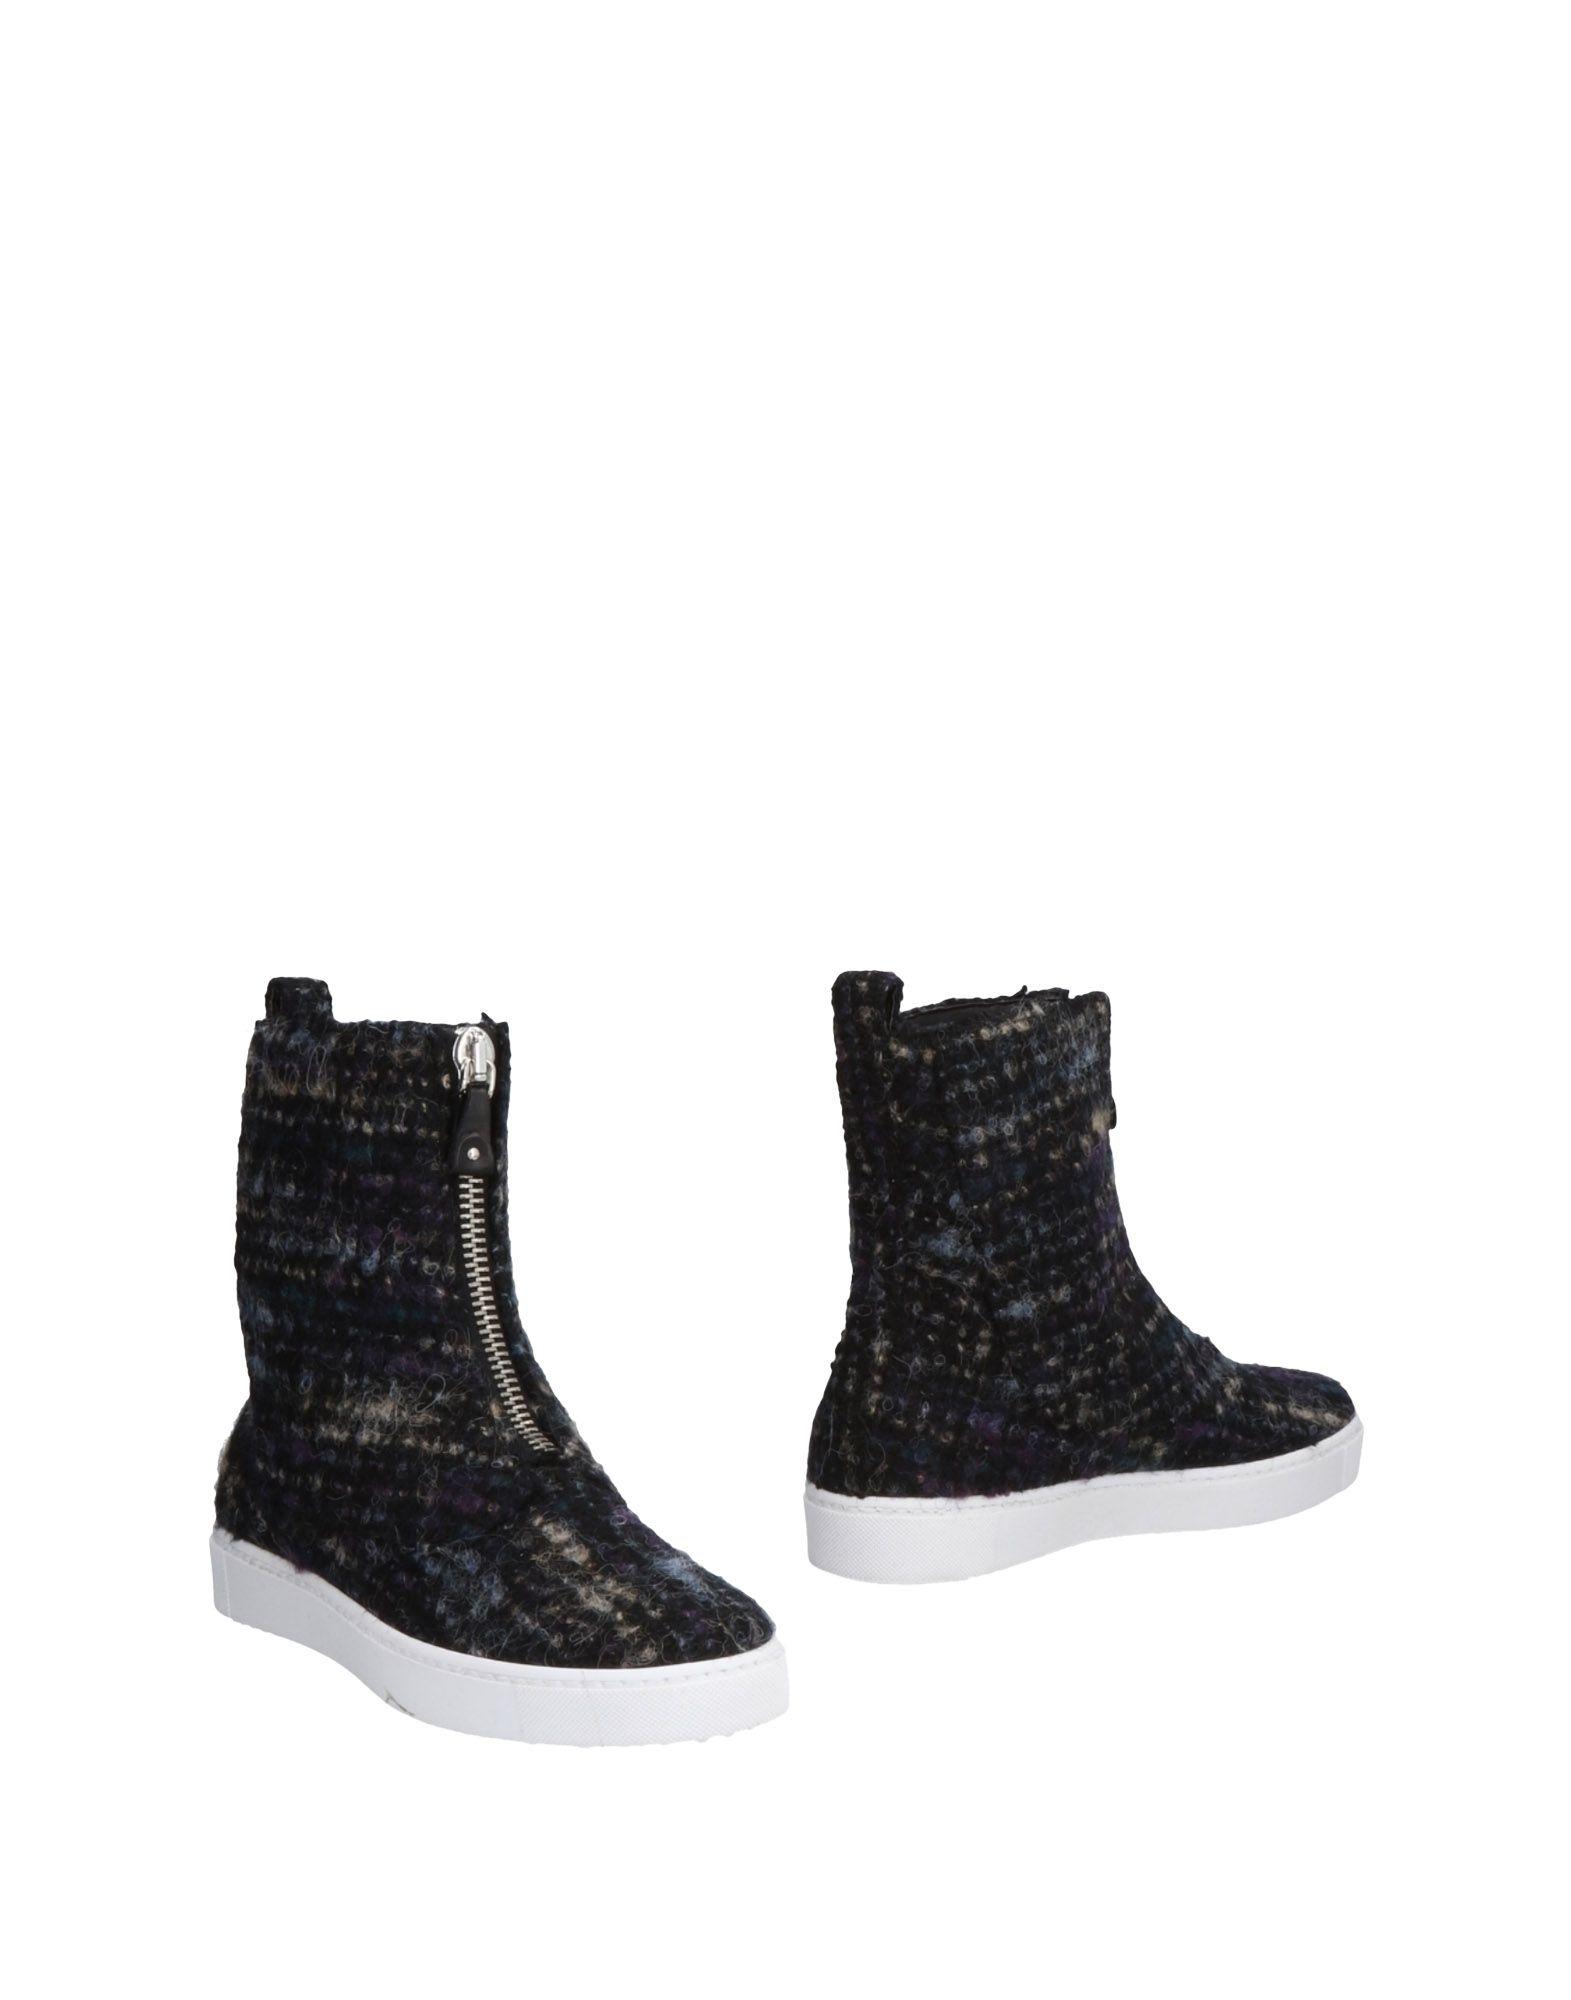 CRISIAN LONDON Полусапоги и высокие ботинки цены онлайн